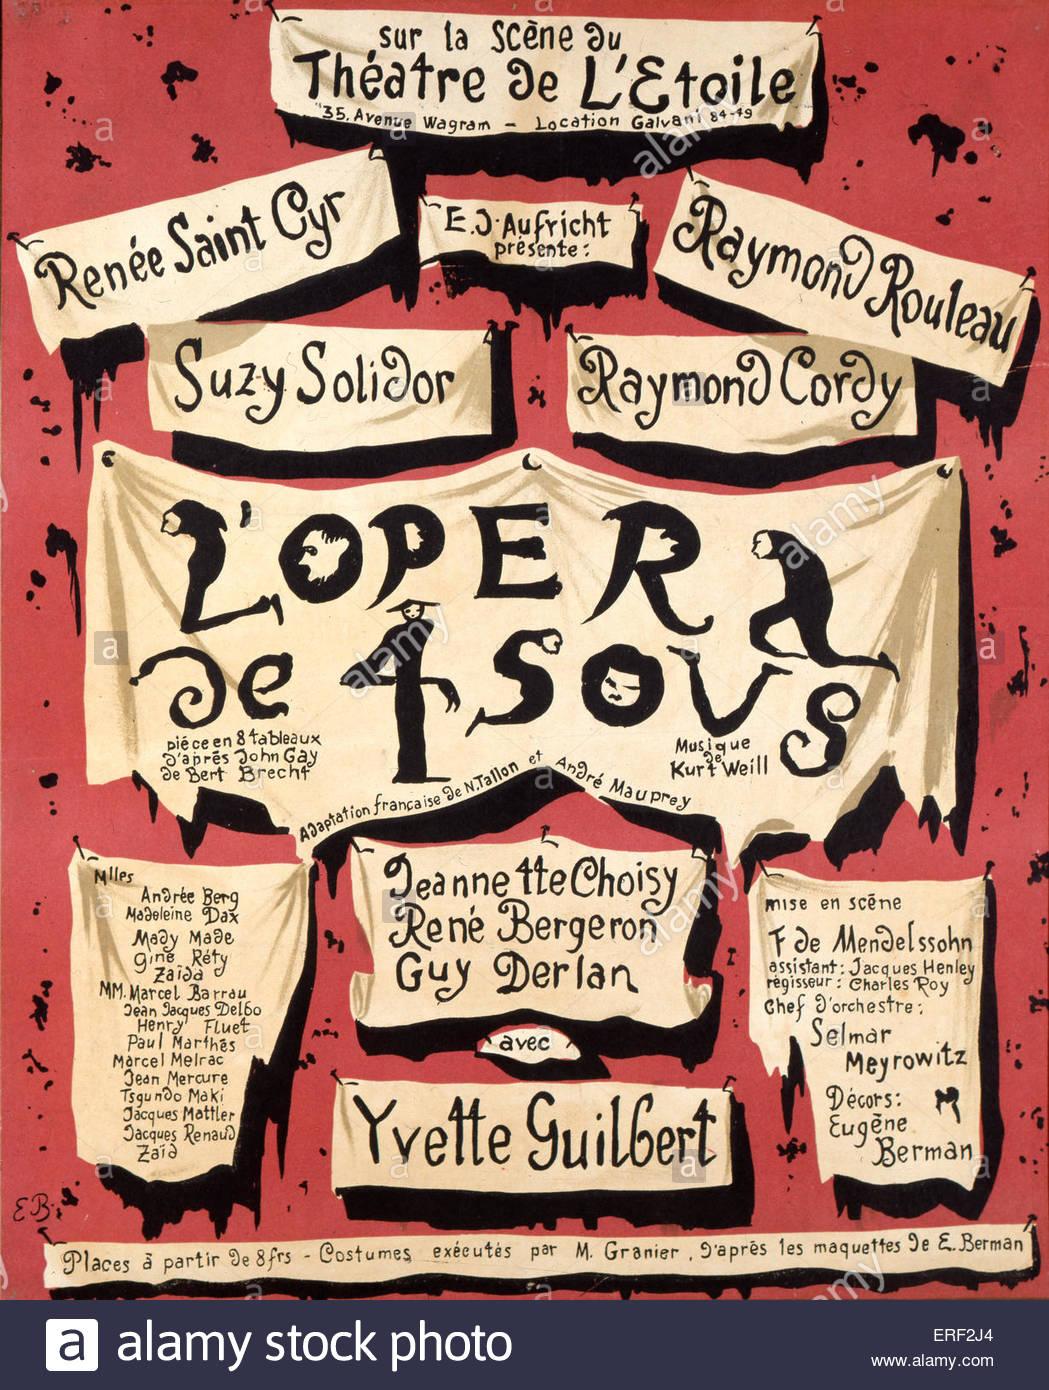 L'Opéra de 4 sous - by Kurt Weill. Poster. Performed at Théatre de l'etoile, Paris, France. Starring - Stock Image